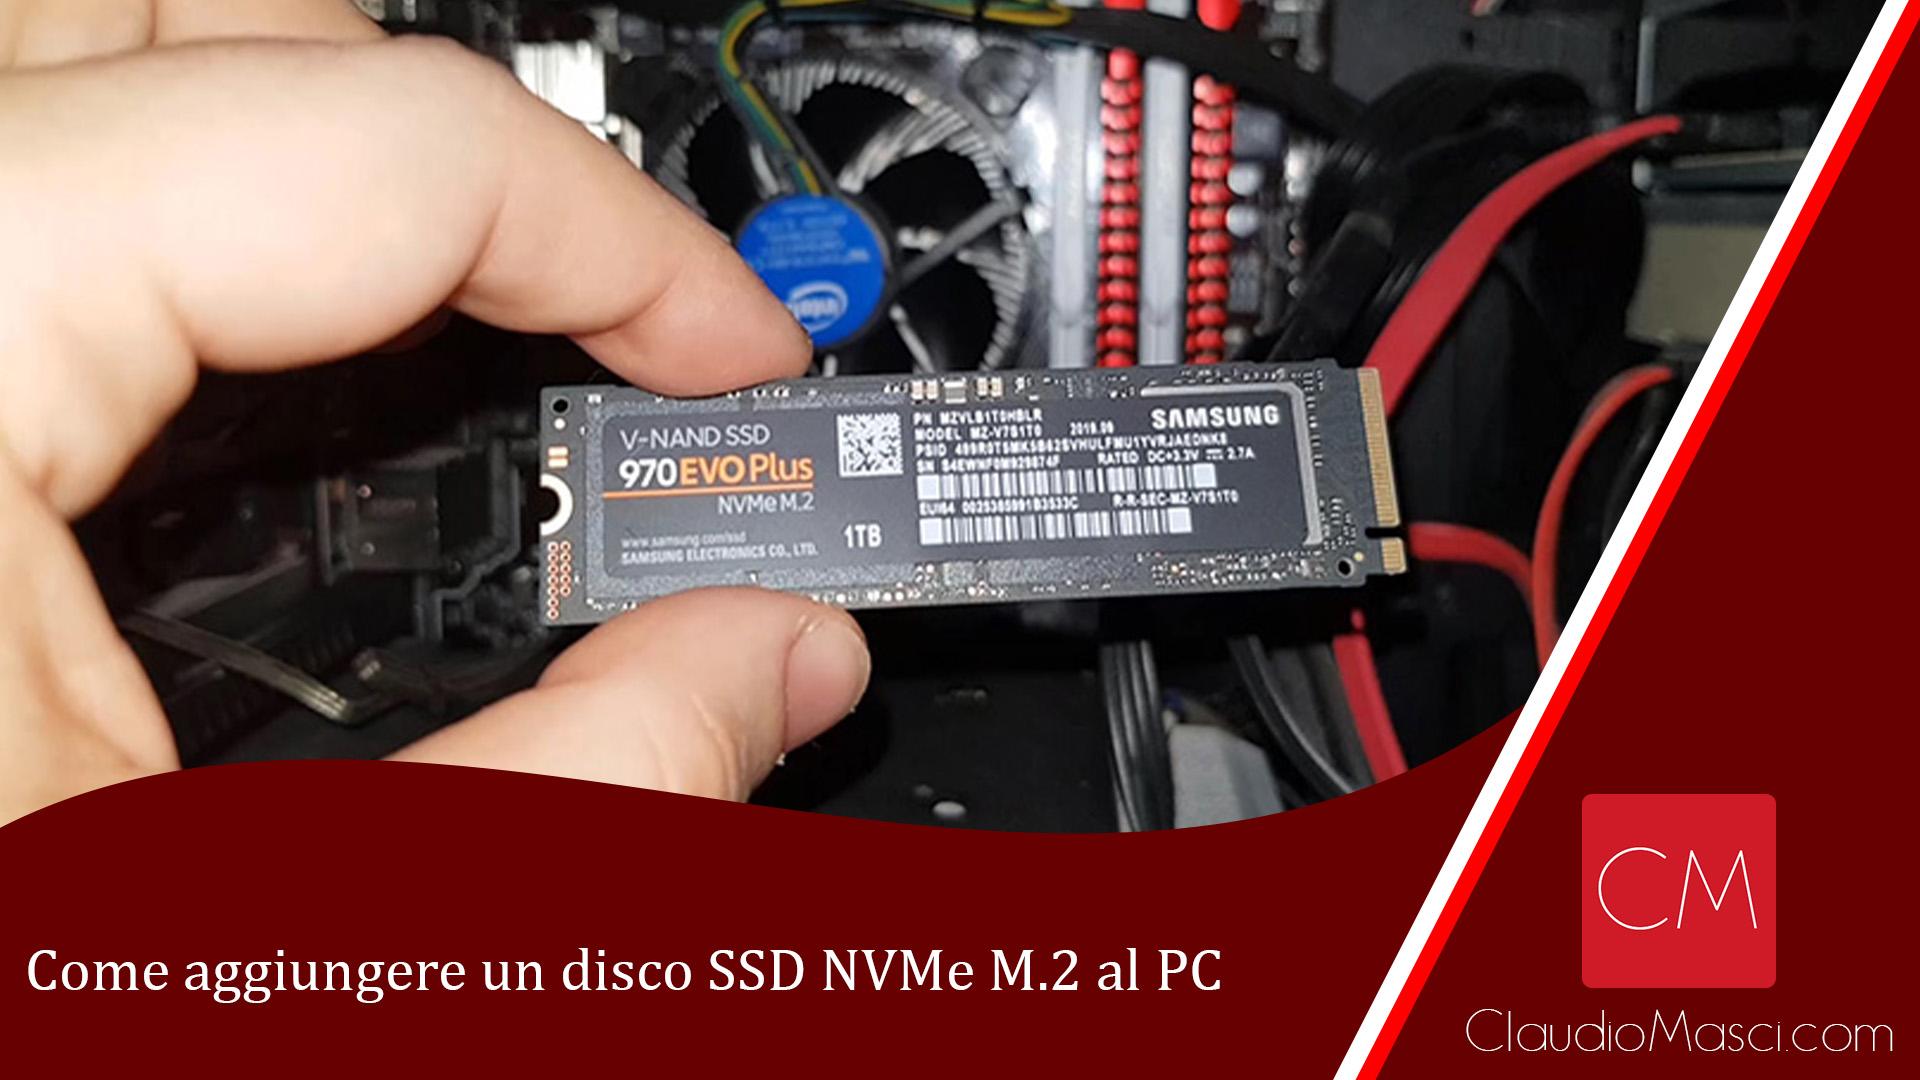 Come aggiungere un disco SSD NVMe M.2 al PC